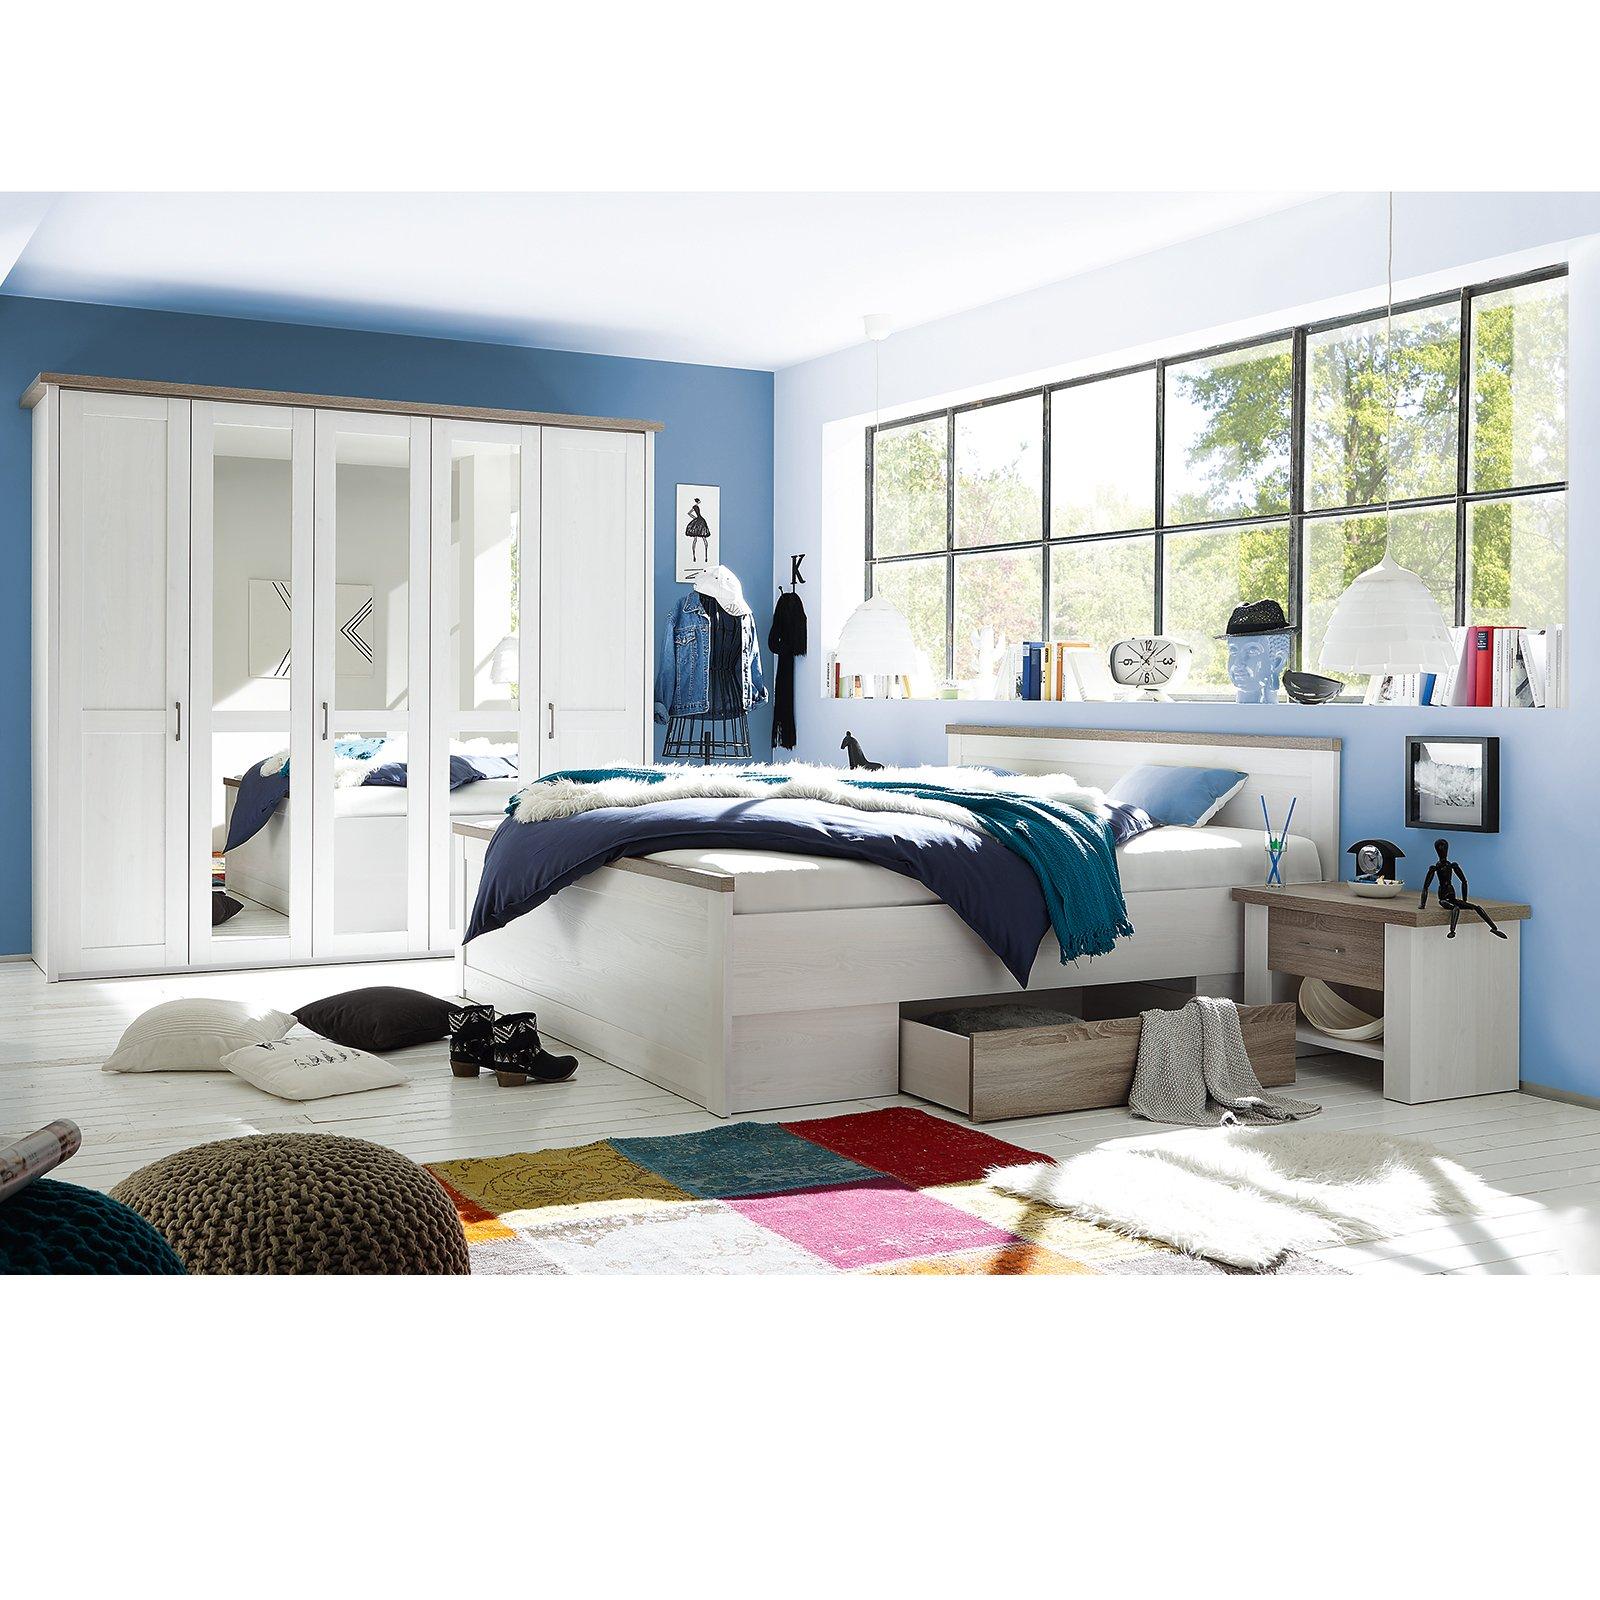 Full Size of 4 Teiliges Schlafzimmer Set Pinie Wei Trffel Online Bei Deckenleuchte Komplette Kommode Vorhänge Rauch Weiß Sessel Tapeten Deckenlampe Massivholz Modern Deko Wohnzimmer Roller Schlafzimmer